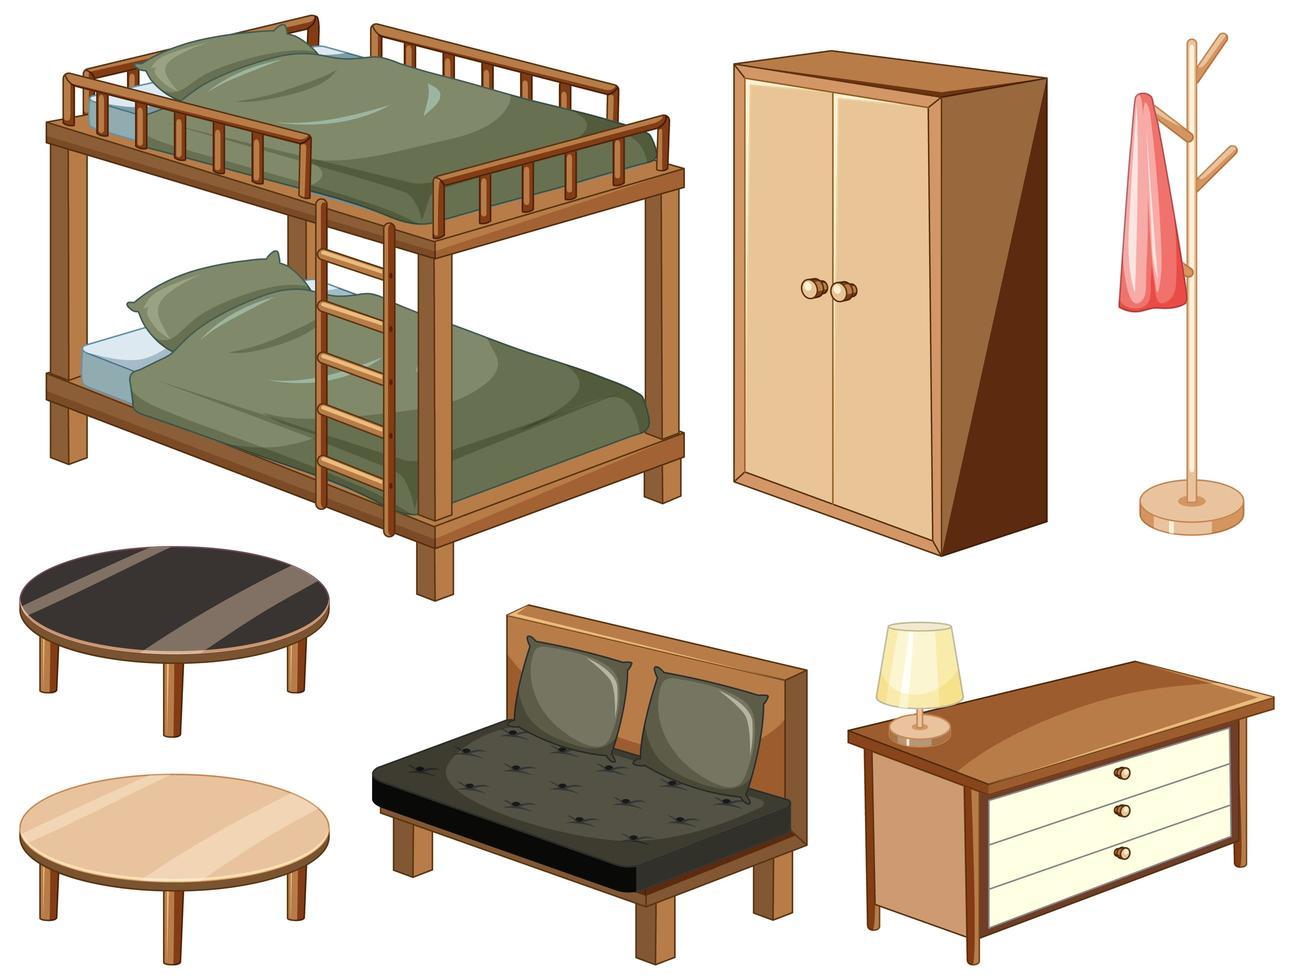 Schlafzimmermöbelobjekte lokalisiert auf weißem Hintergrund vektor